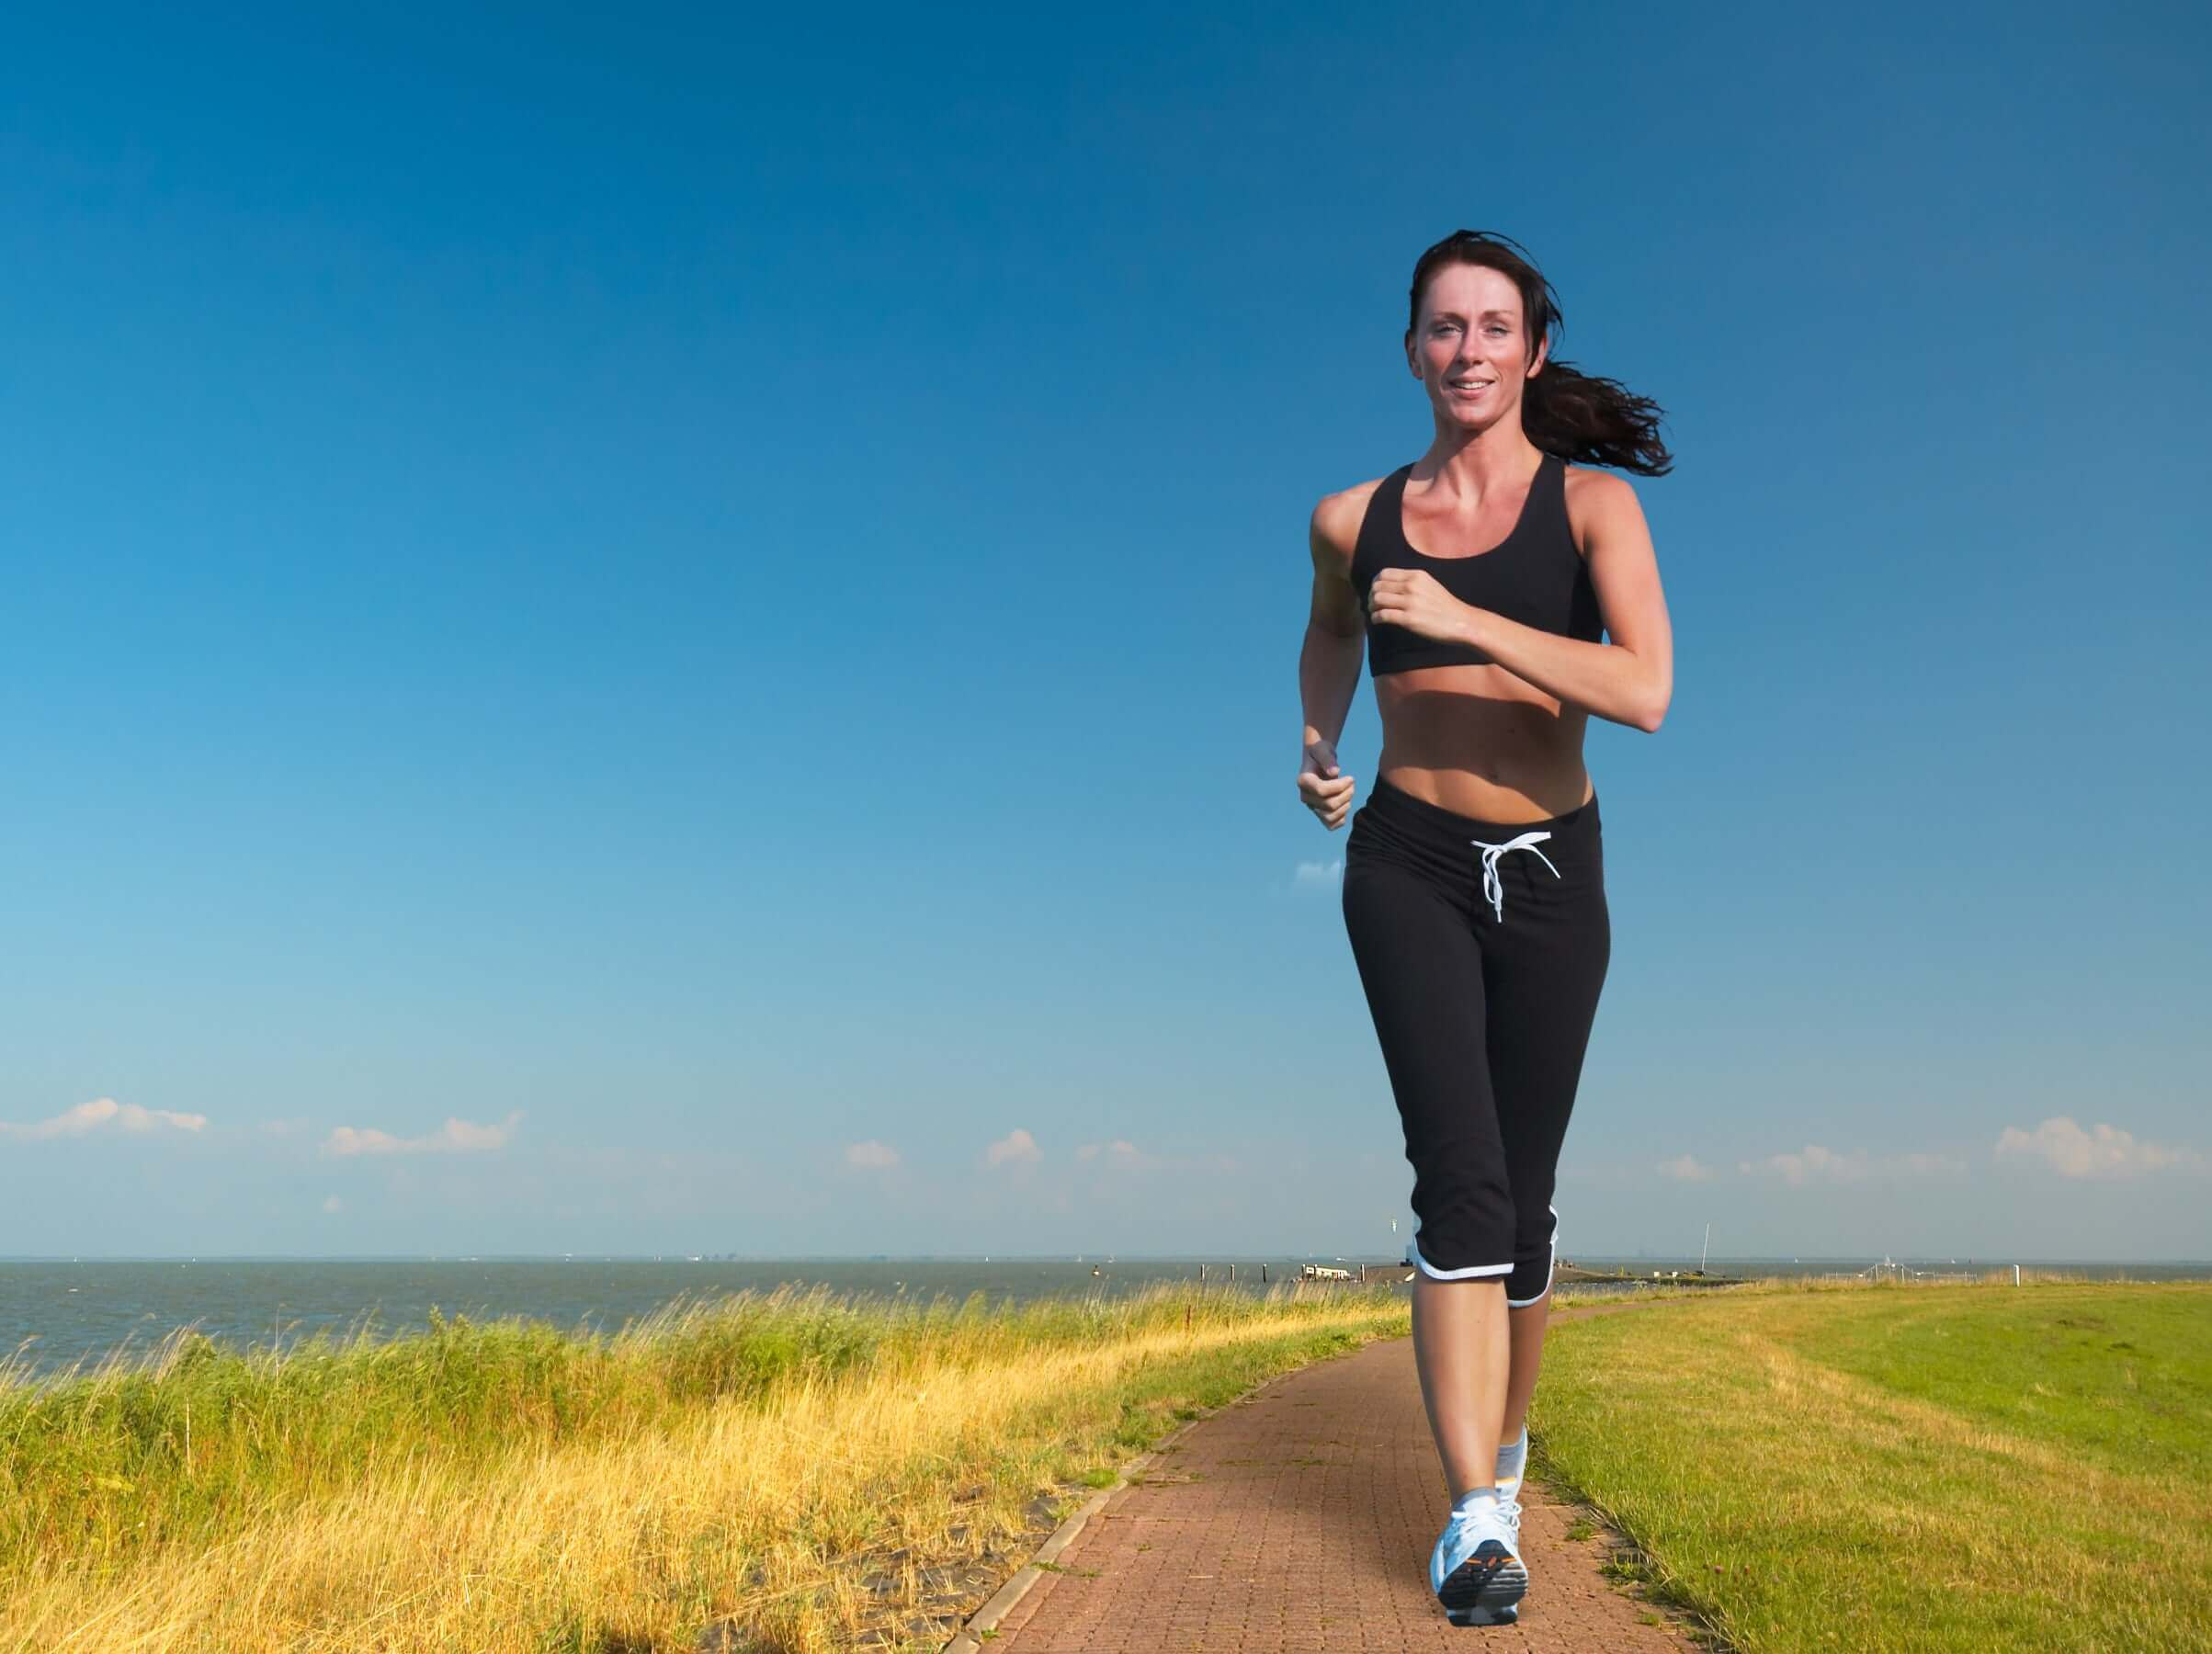 러노렉시아 또는 달리기 중독을 극복하는 방법